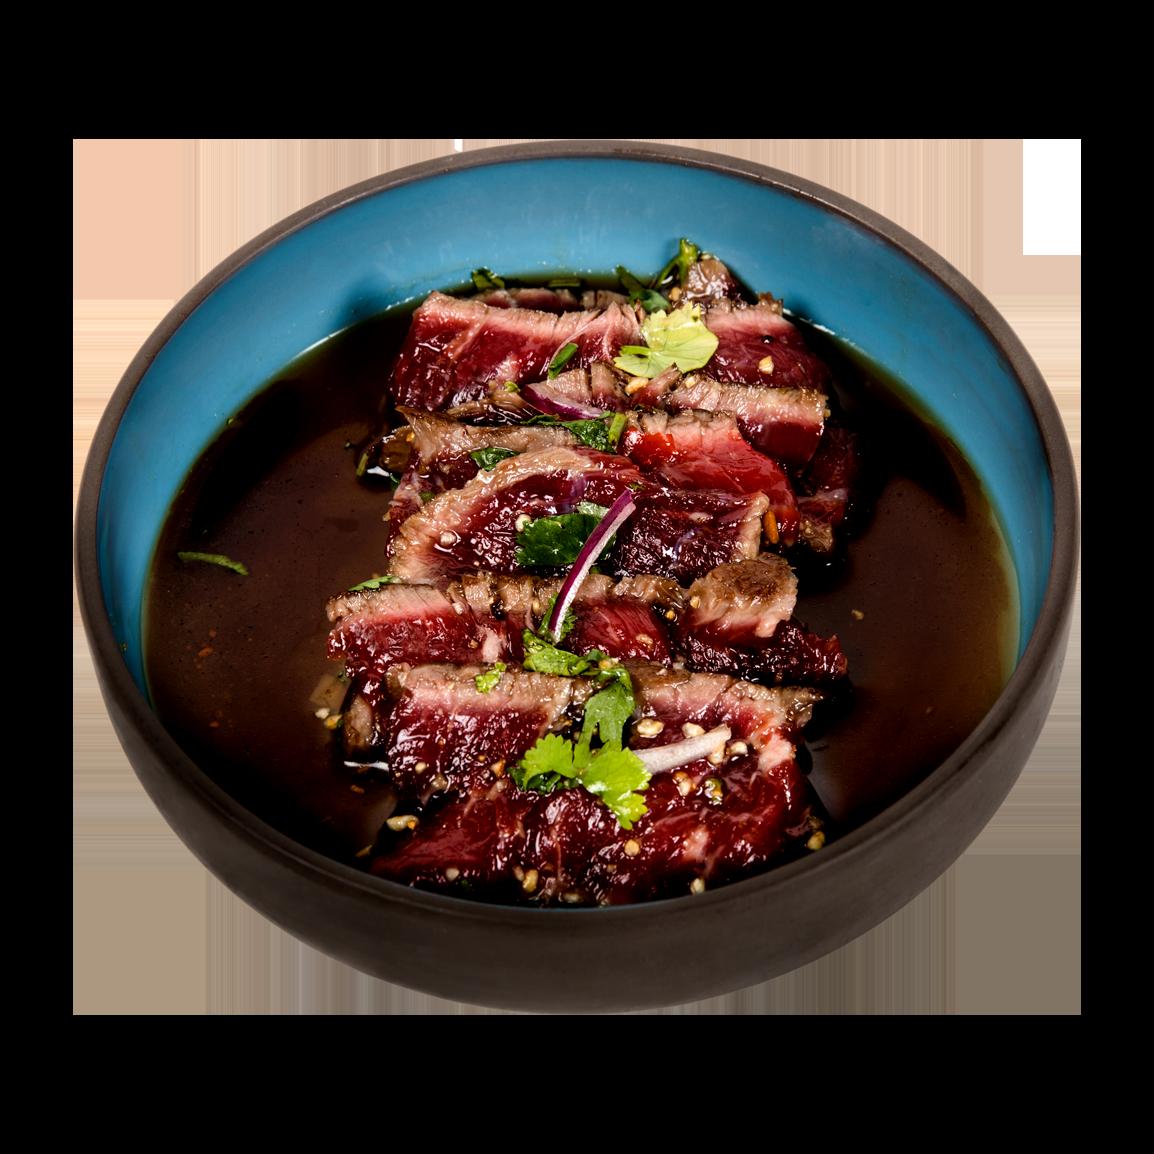 10 pièces de sashimi boeuf snacké marinade nikkei, riz grillé des Andes, coriandre, échalote, maïs cancha, oignon rouge et piment jalapeño. <br />Servi avec un bol de riz vinaigré.